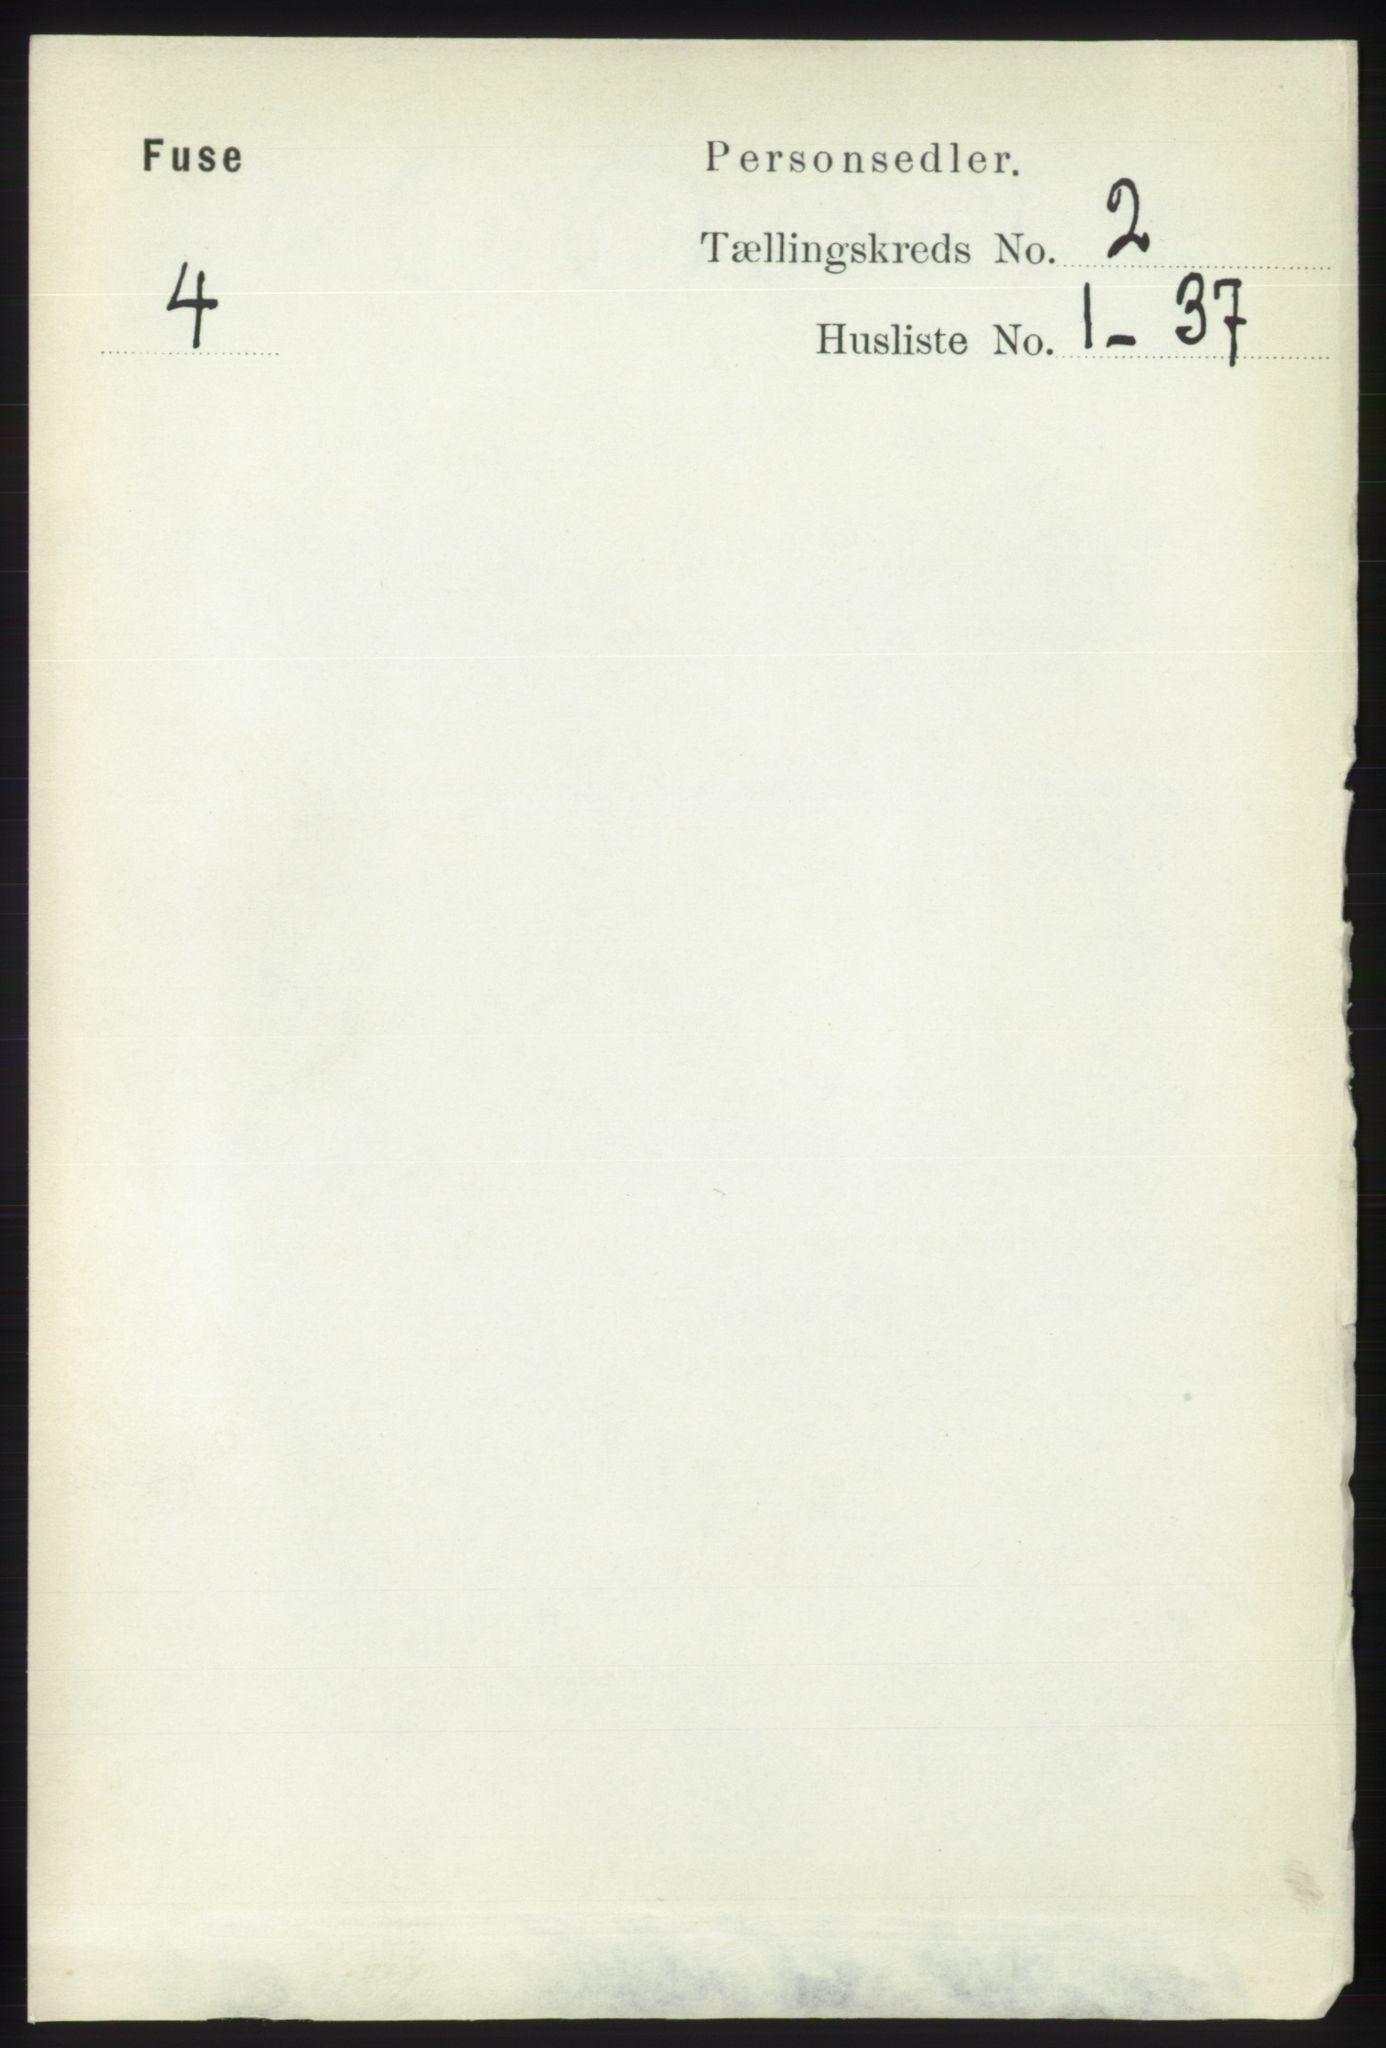 RA, Folketelling 1891 for 1241 Fusa herred, 1891, s. 302